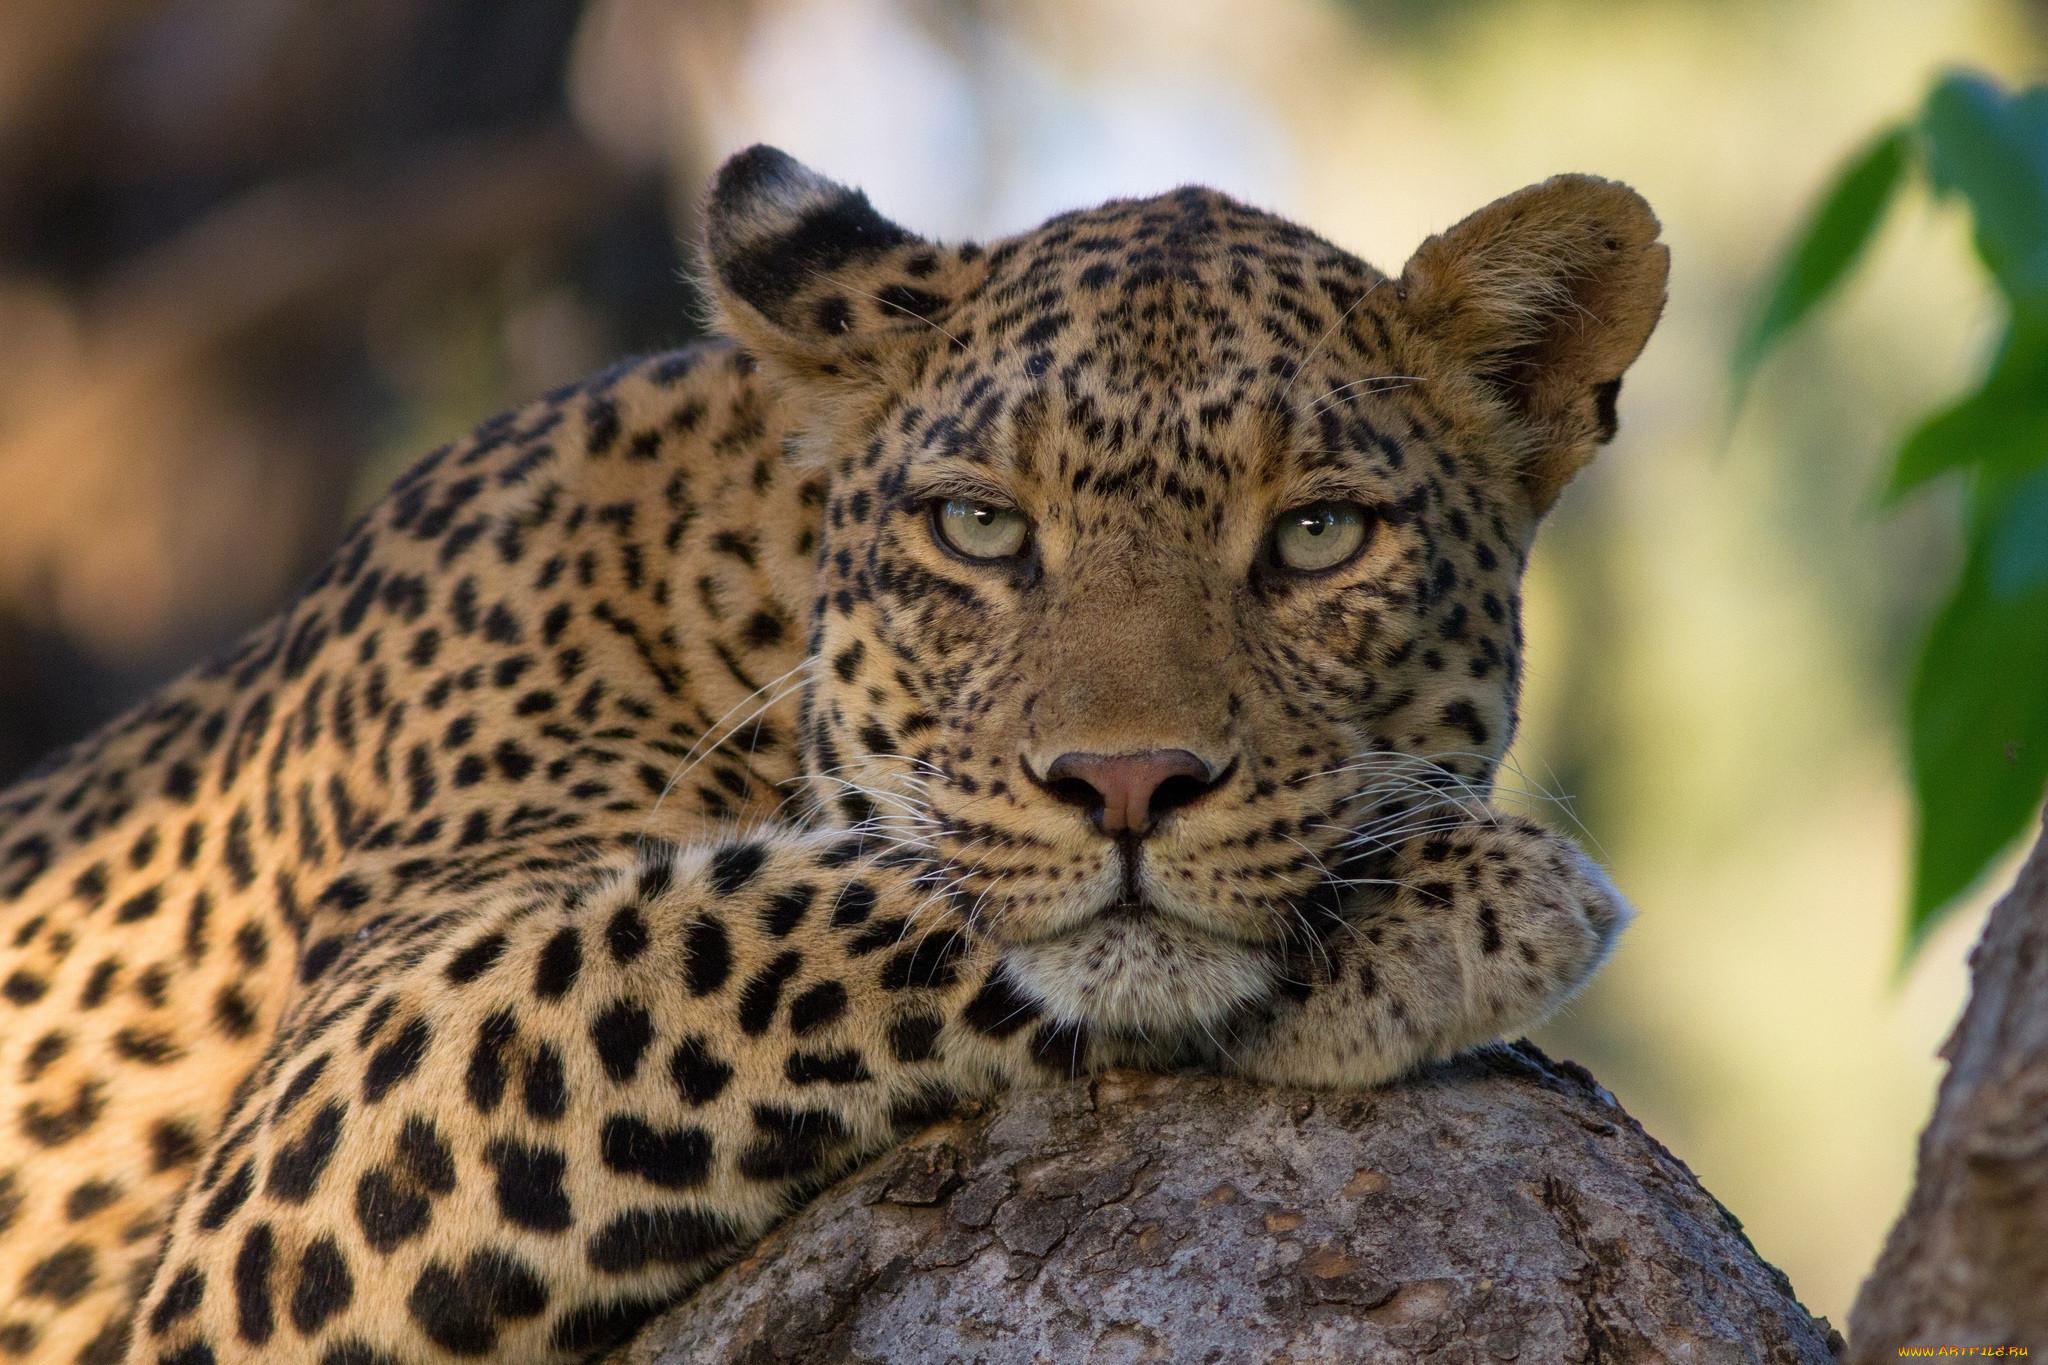 Картинки на рабочий стол хорошего качества леопард